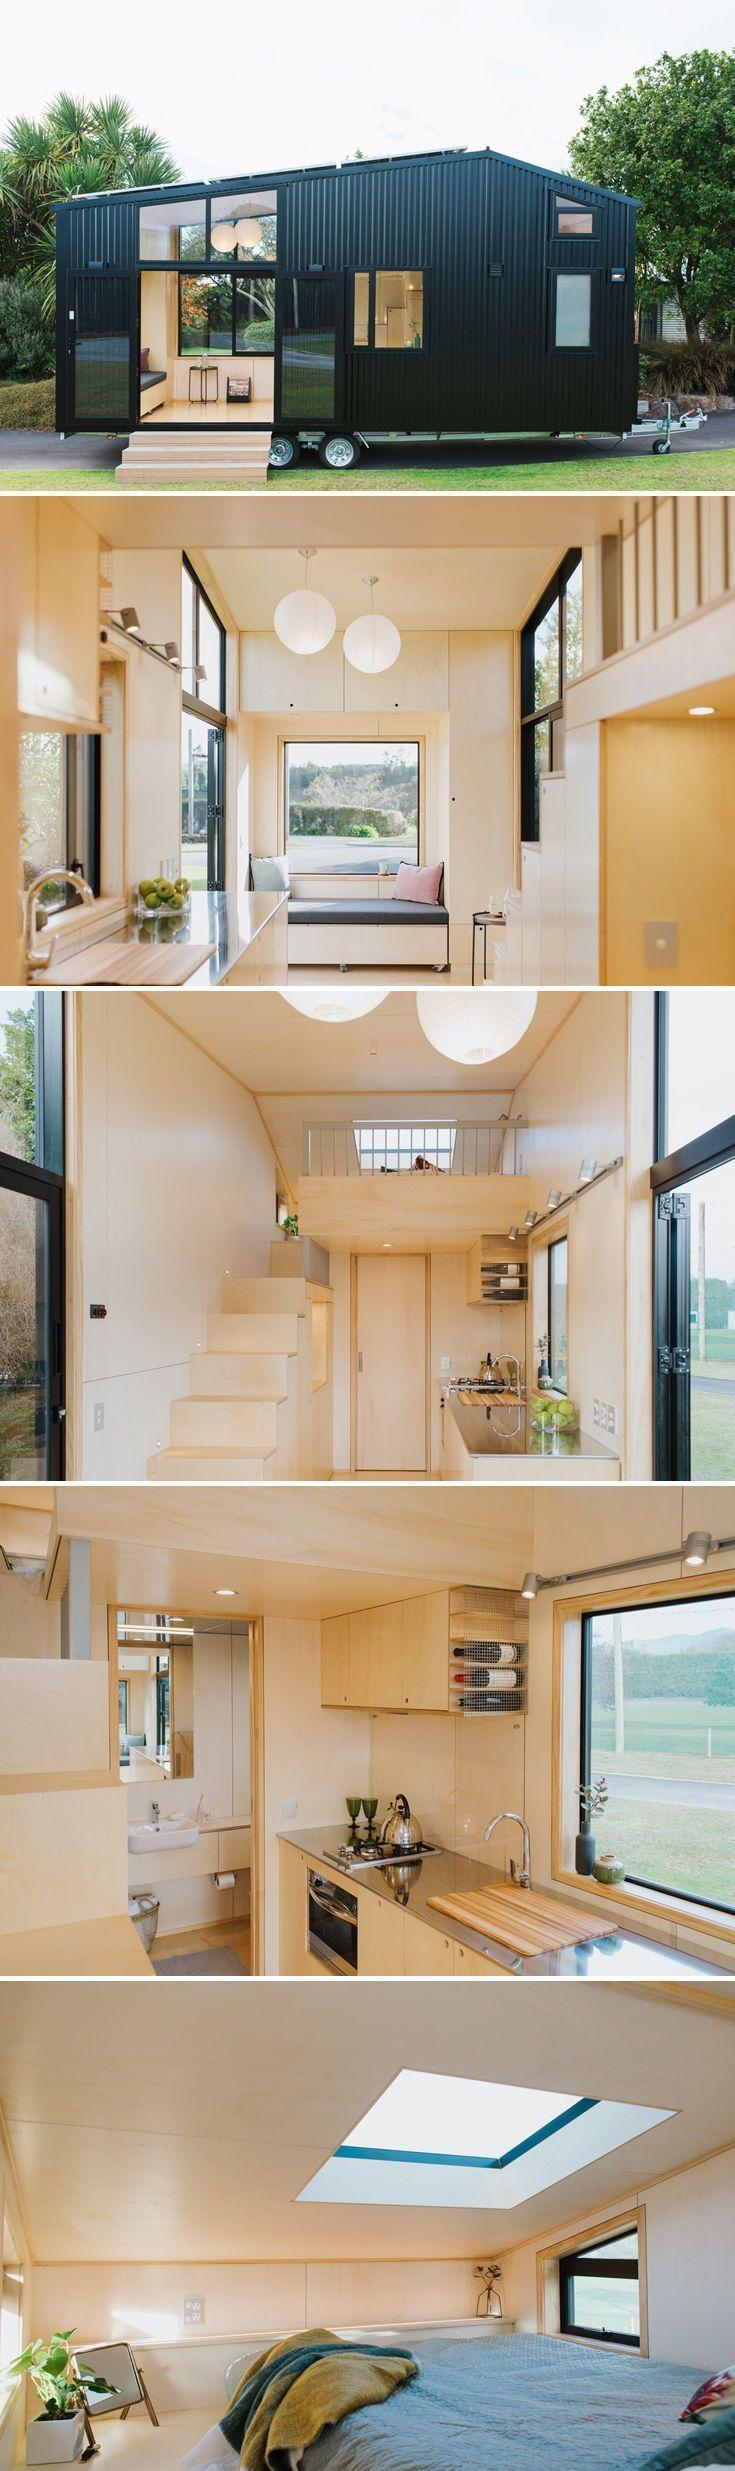 Das First Light Tiny House ist ein von First Light Studio entworfenes